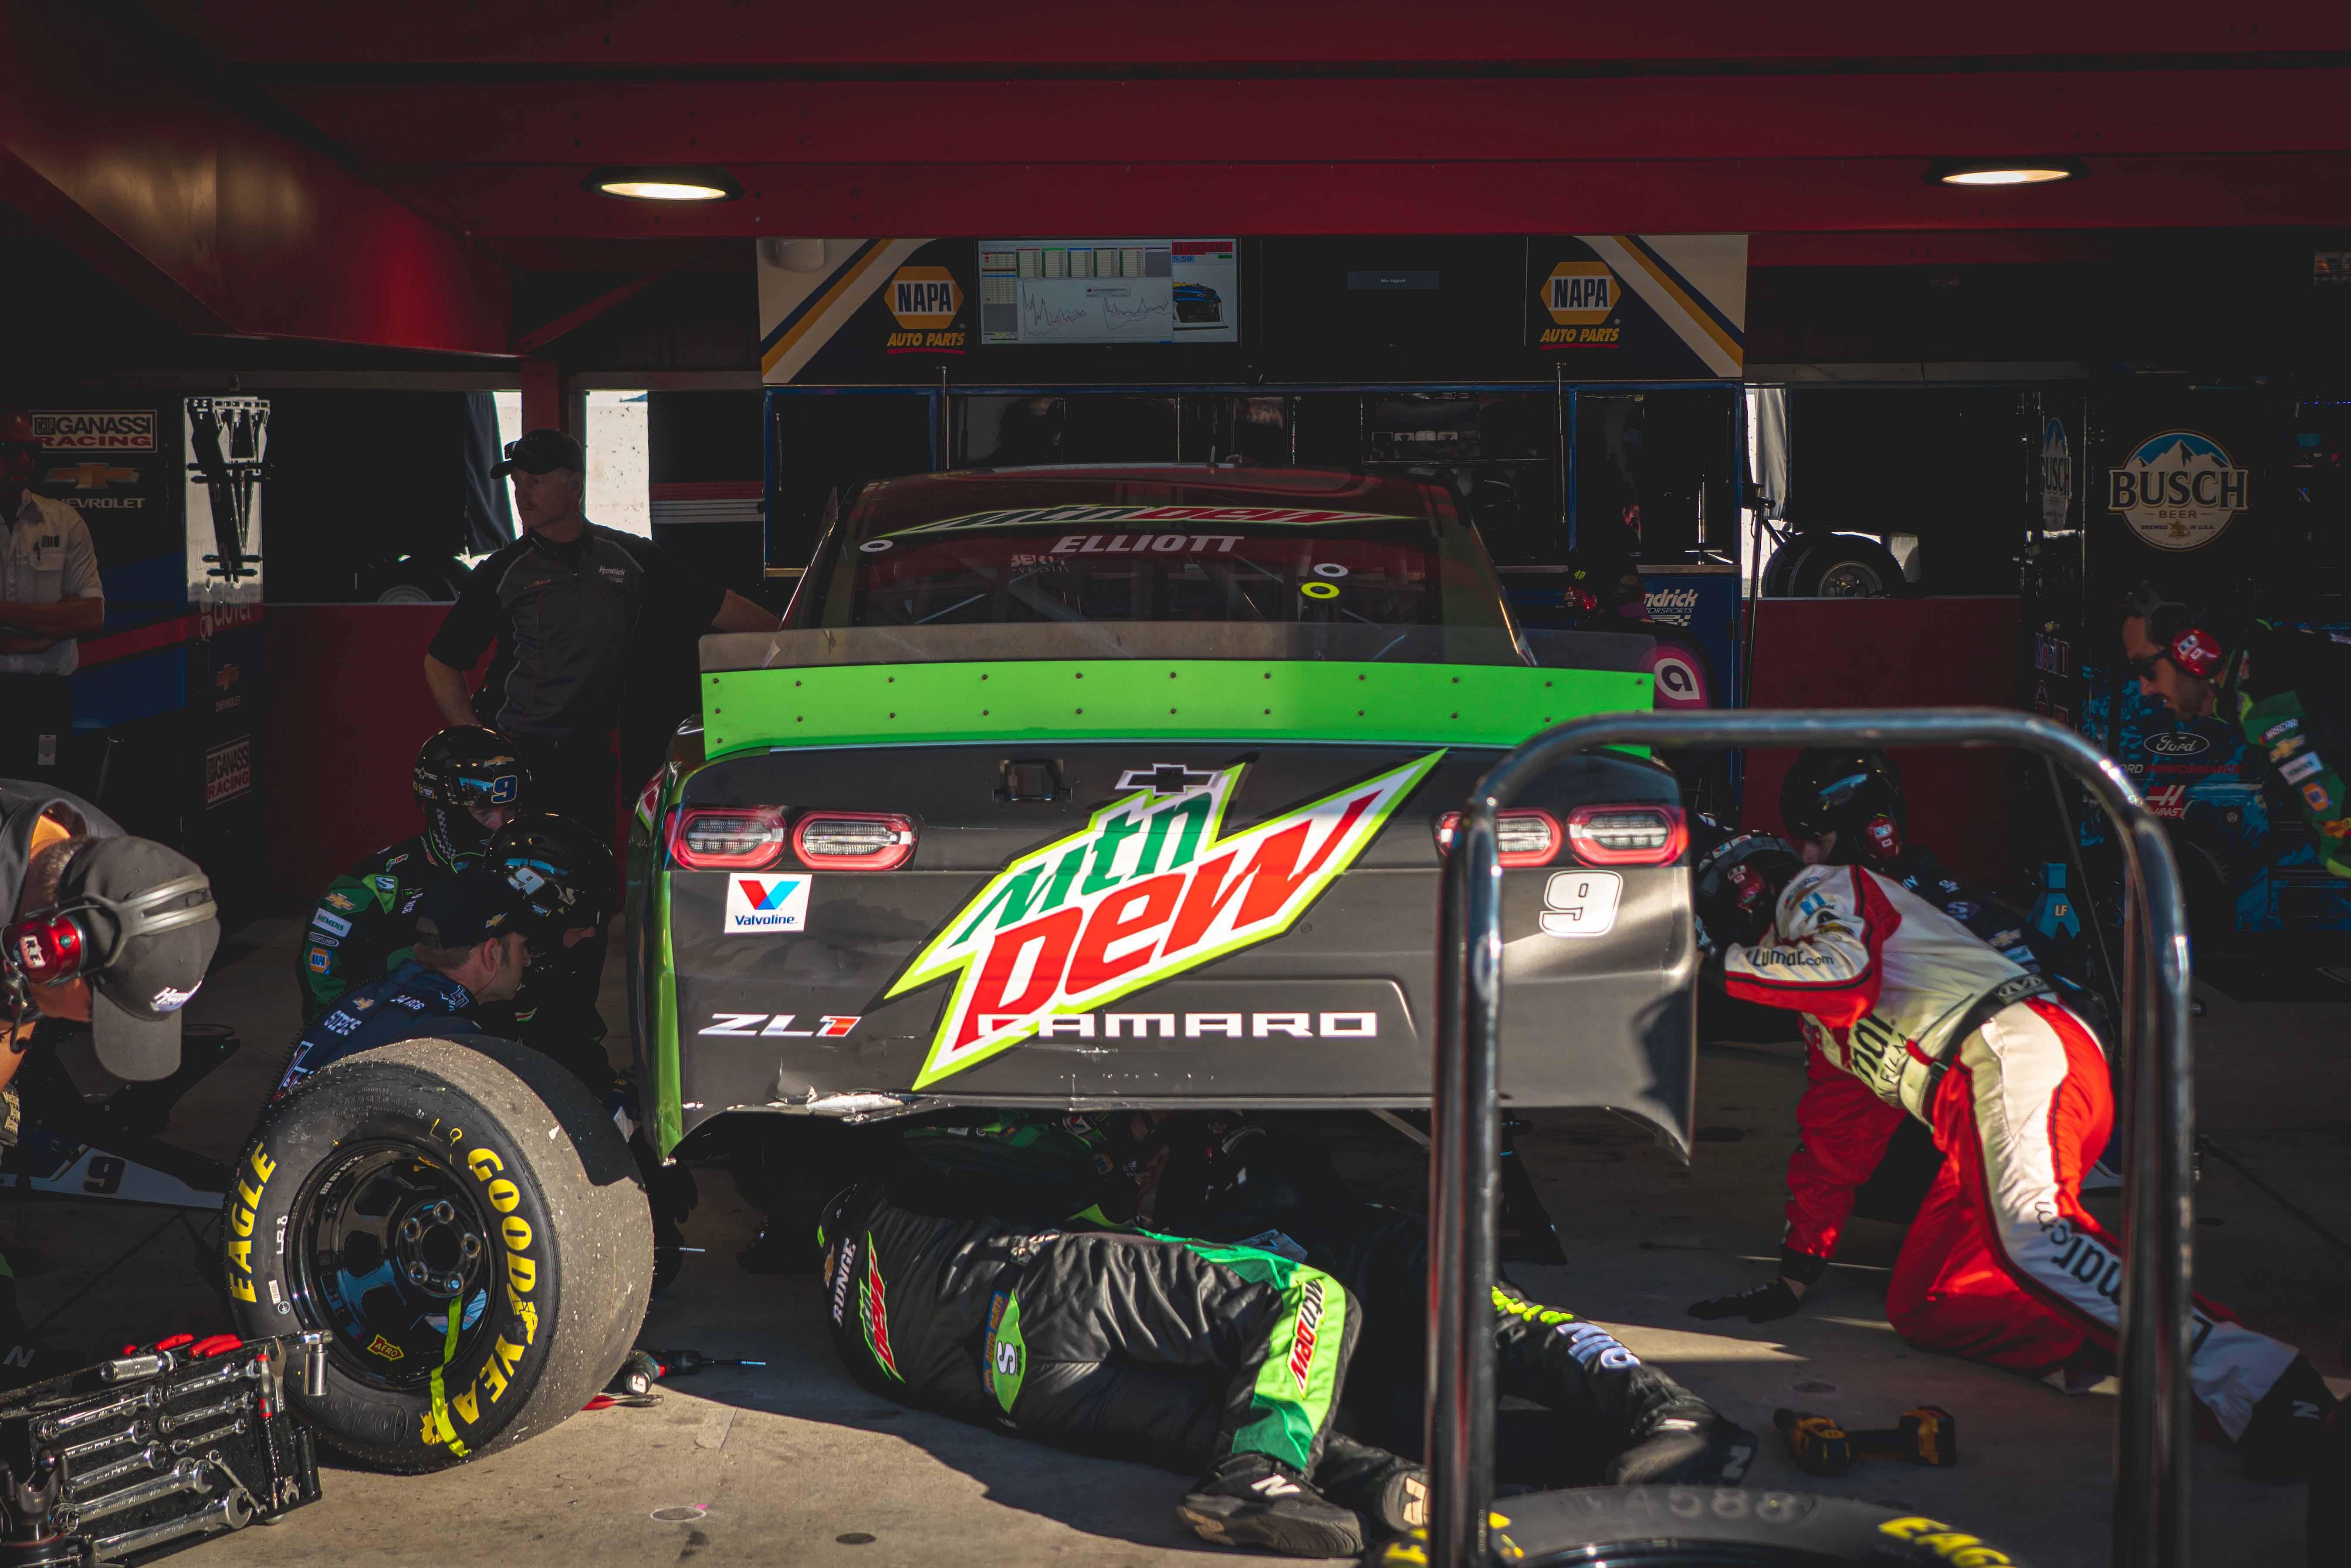 Chase Elliott in the NASCAR garage area at Martinsville Speedway